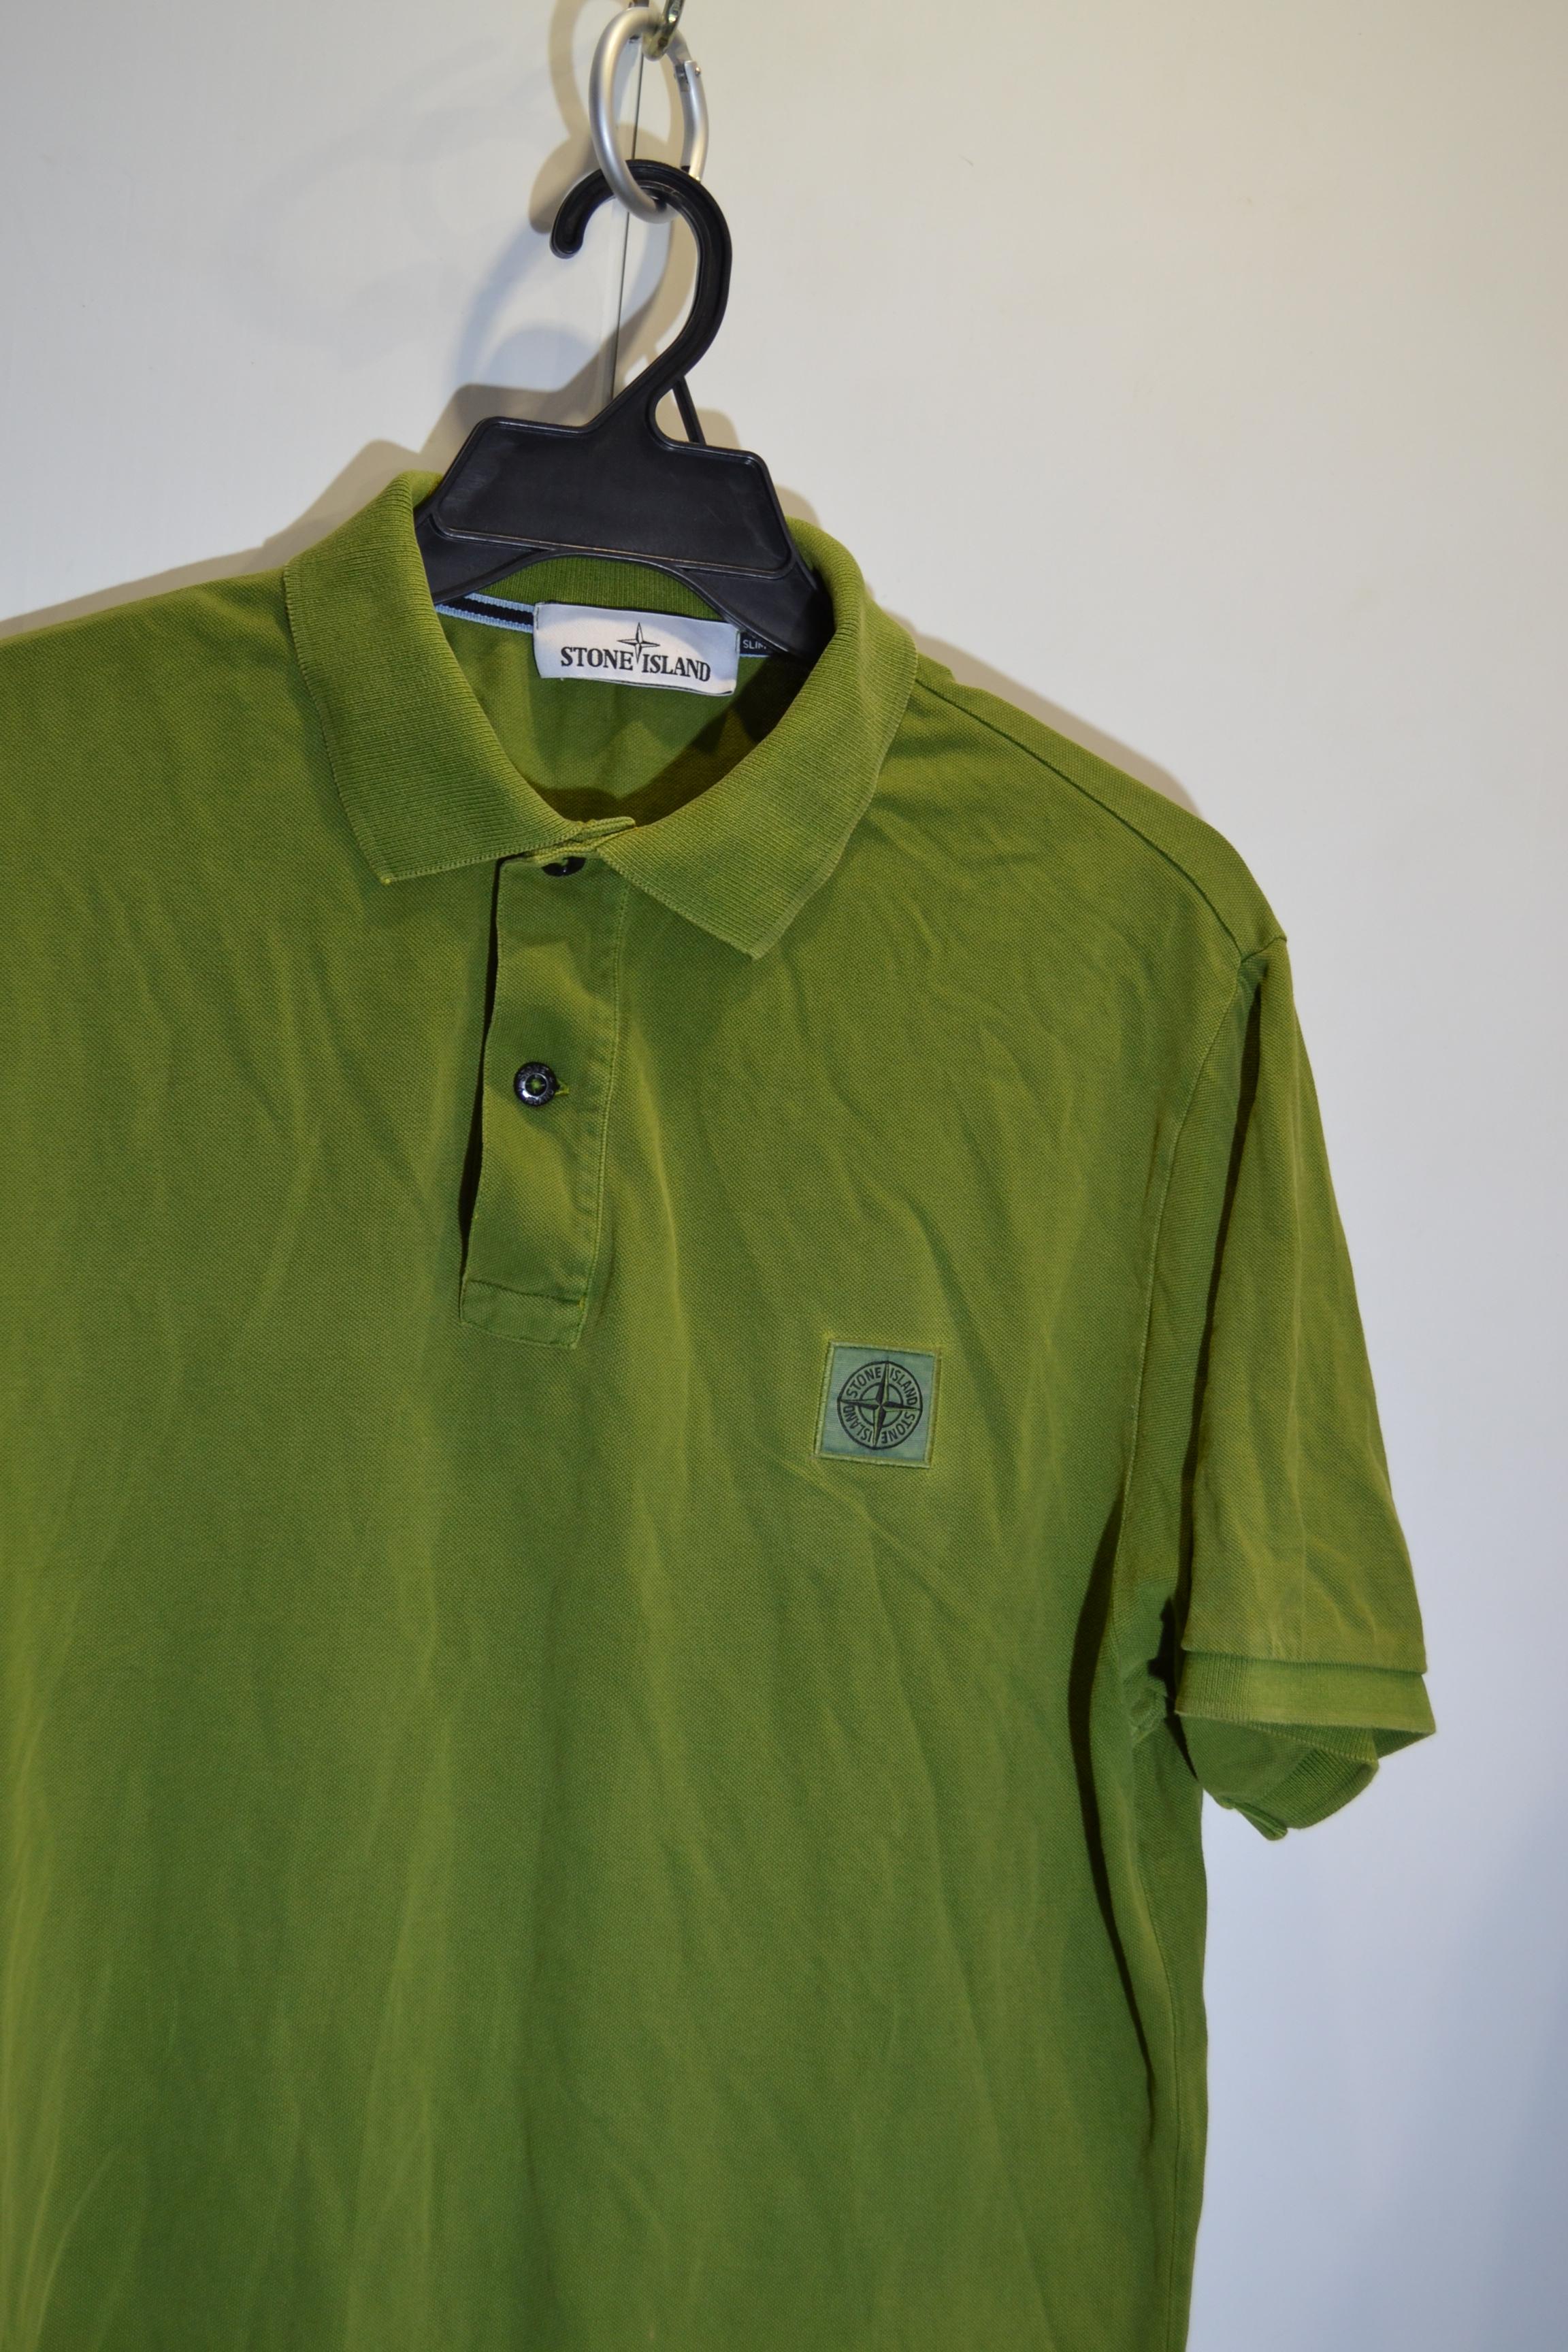 Stone Island Stone Island Xxl Size Slim Fit Acid Green Polo Shirt